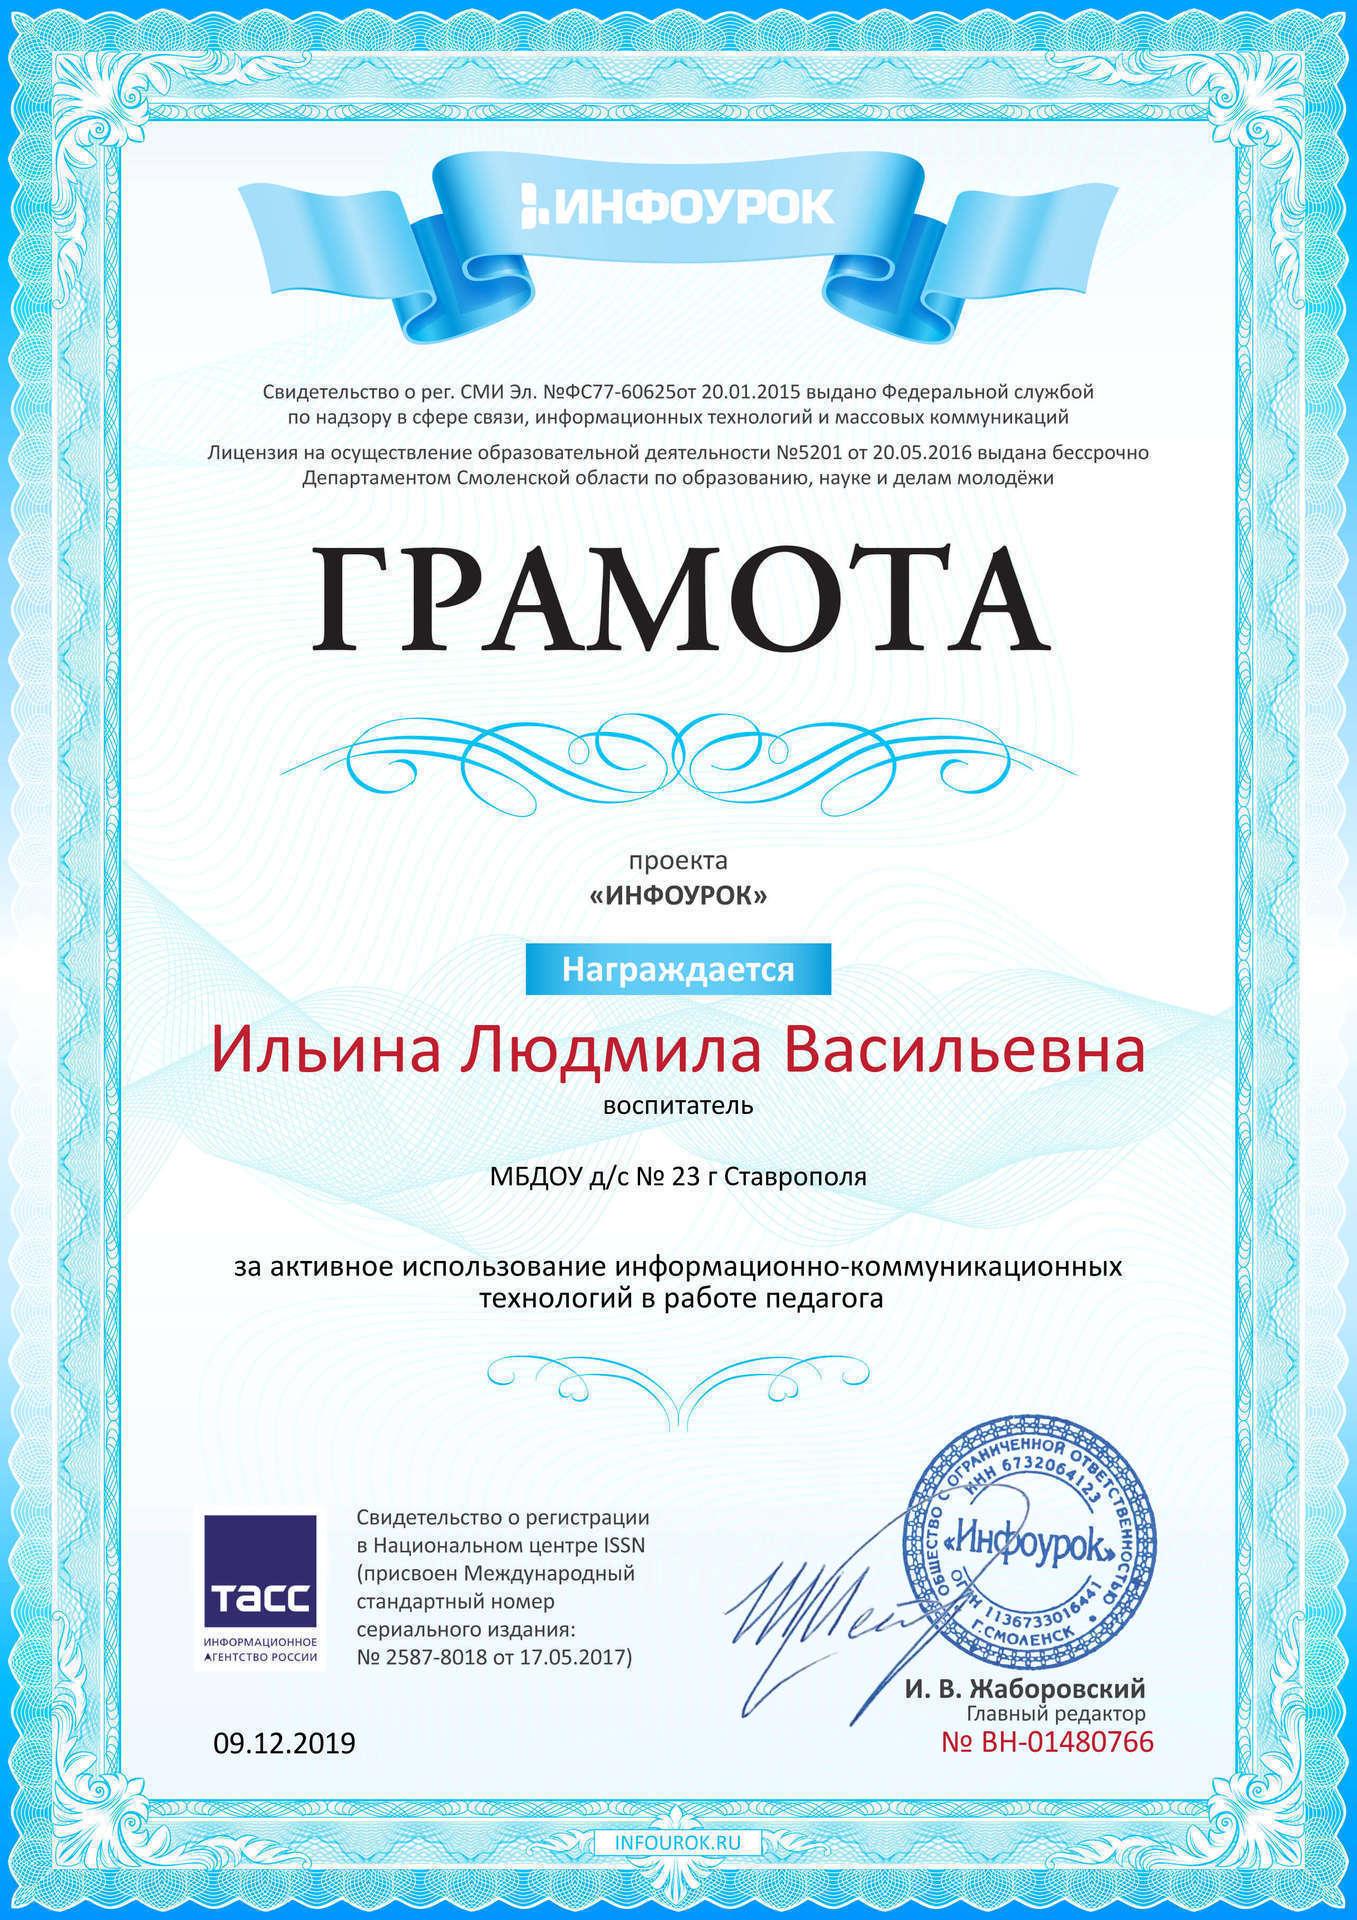 Свидетельство-проекта-infourok.ru-№1480766